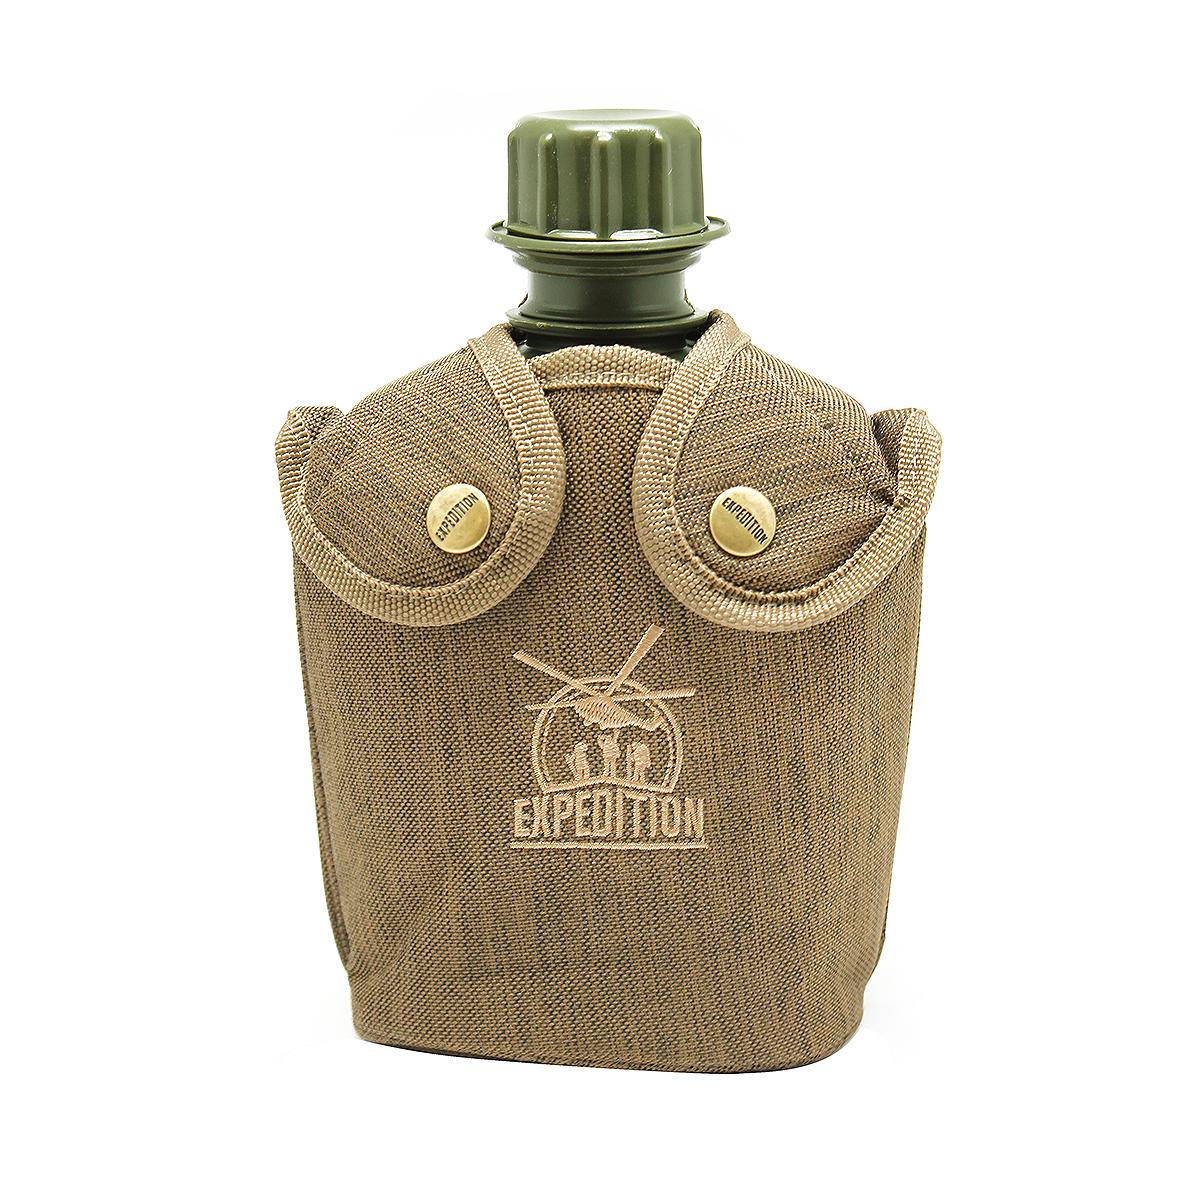 Фляга для напитков Экспедиция, цвет: коричневый, 1 лEHF100PEФляга комплектуется чехлом на меху, что придает дополнительные теплоизоляционные свойства.